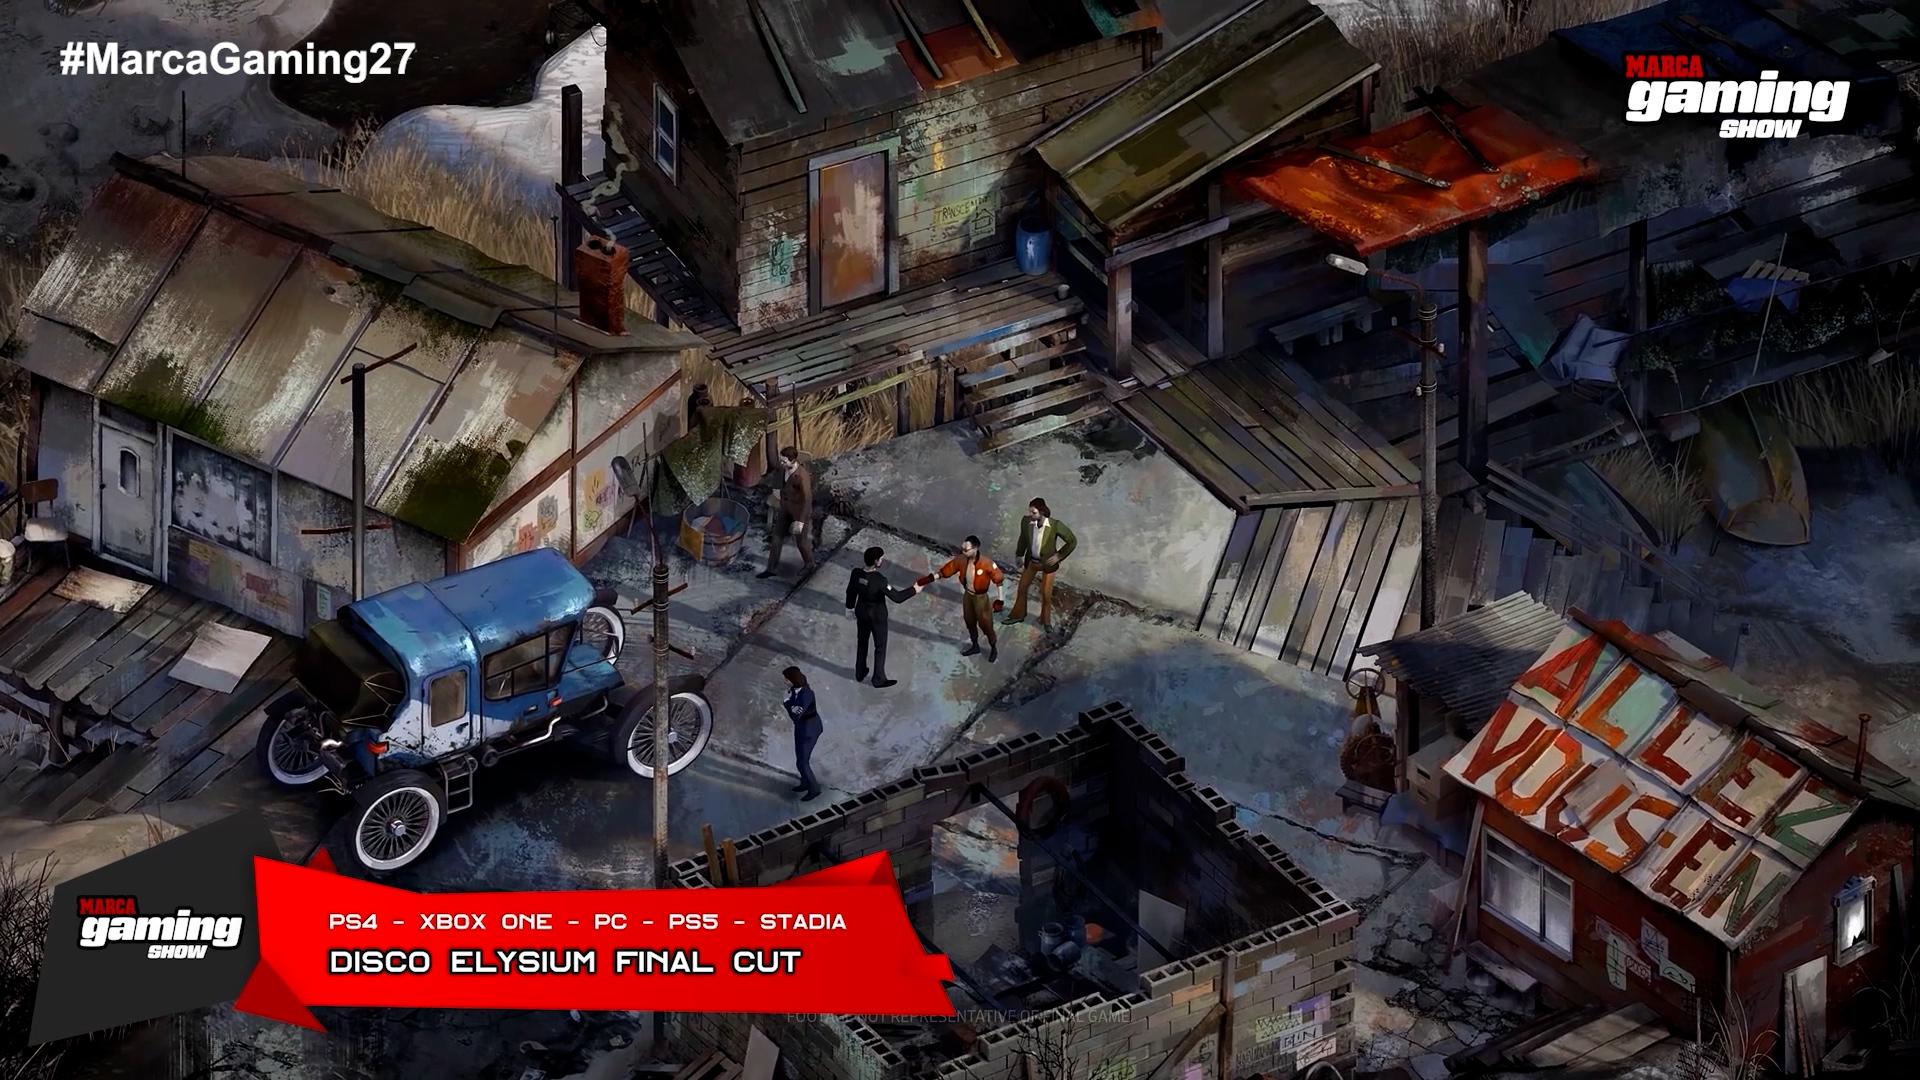 Disco Elysium: The Final Cut (PS4, PS5)